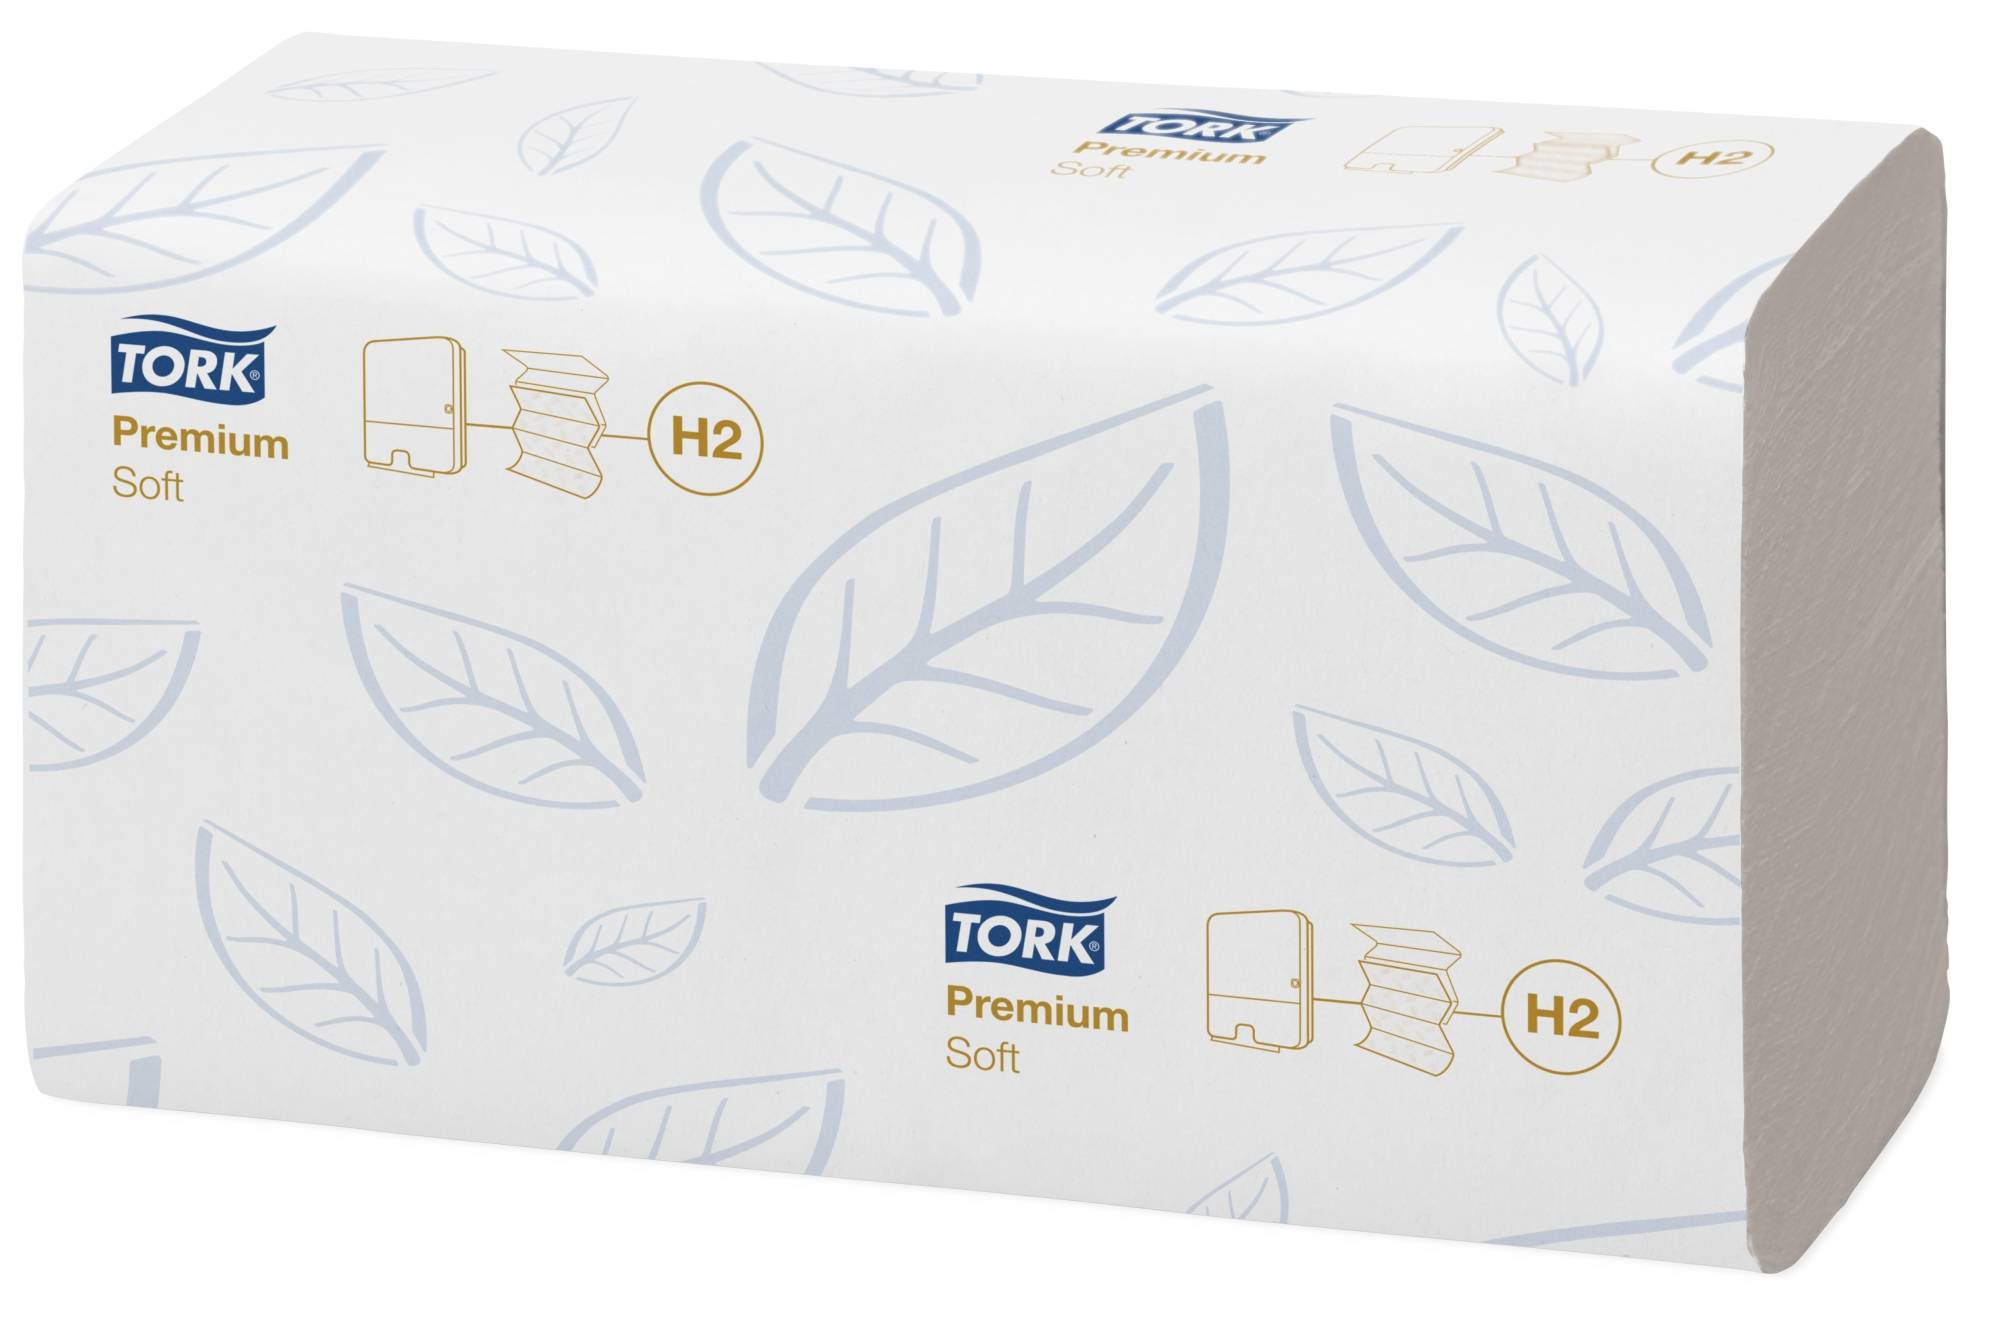 Полотенце листовые TORK PREMIUM H2 M-сложение, 2 слойные, 21,2х34см, 110 л., белый